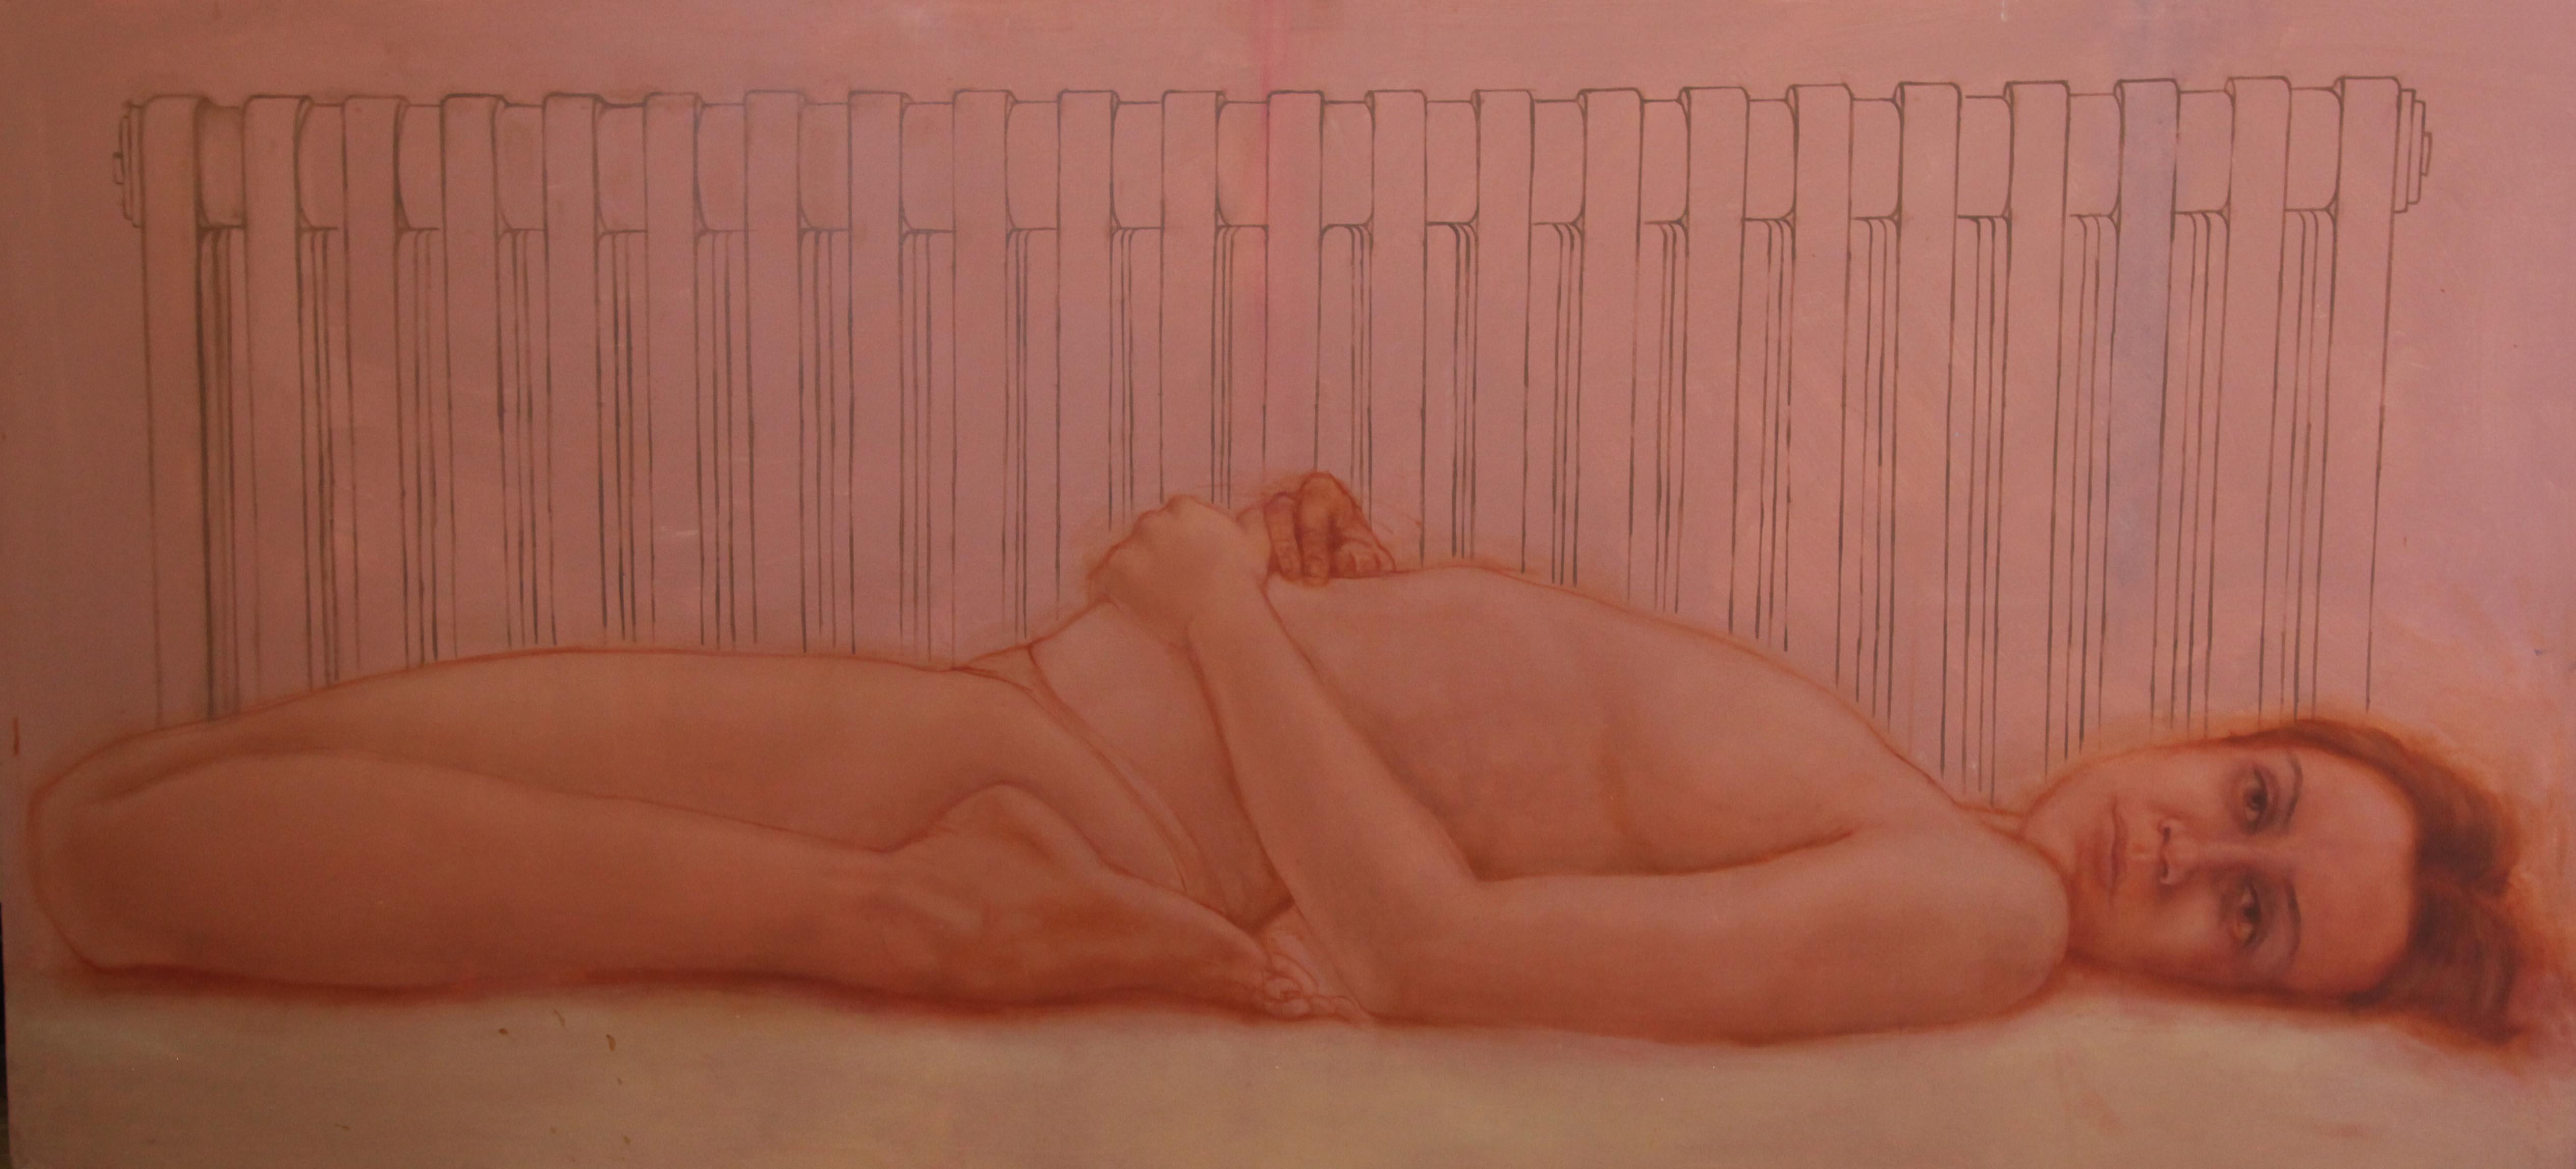 Senza titolo,| olio su tela, 80x140cm, 2011